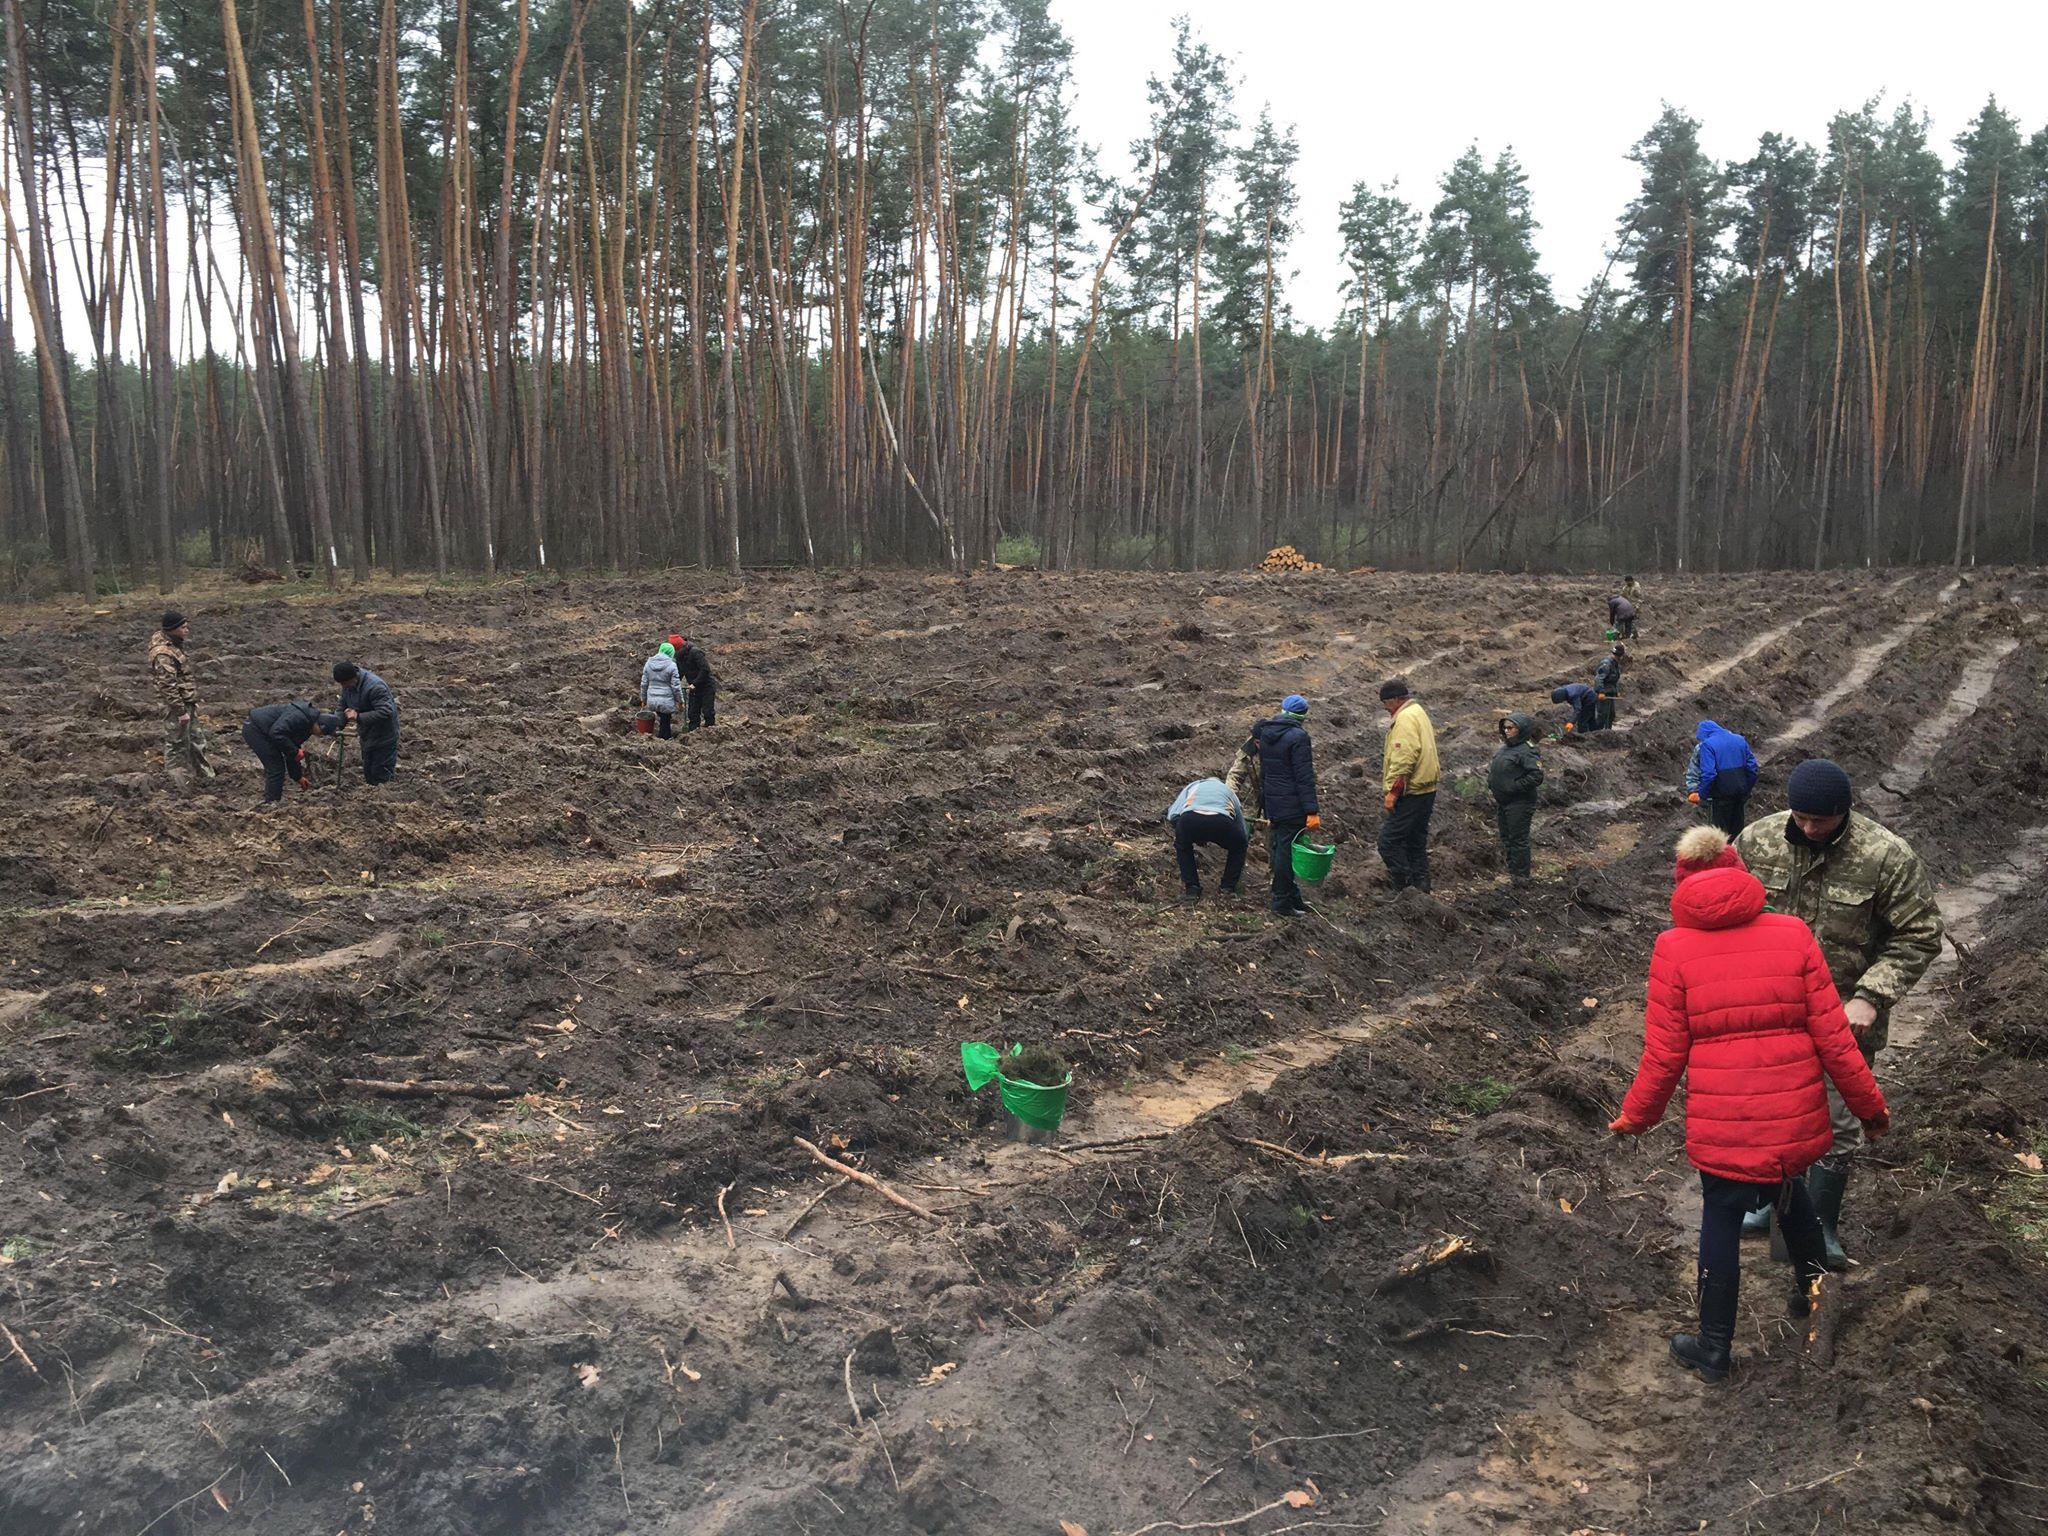 «Будущее леса в твоих руках»: на Харьковщине началась всеукраинская экологическая акция (фото)